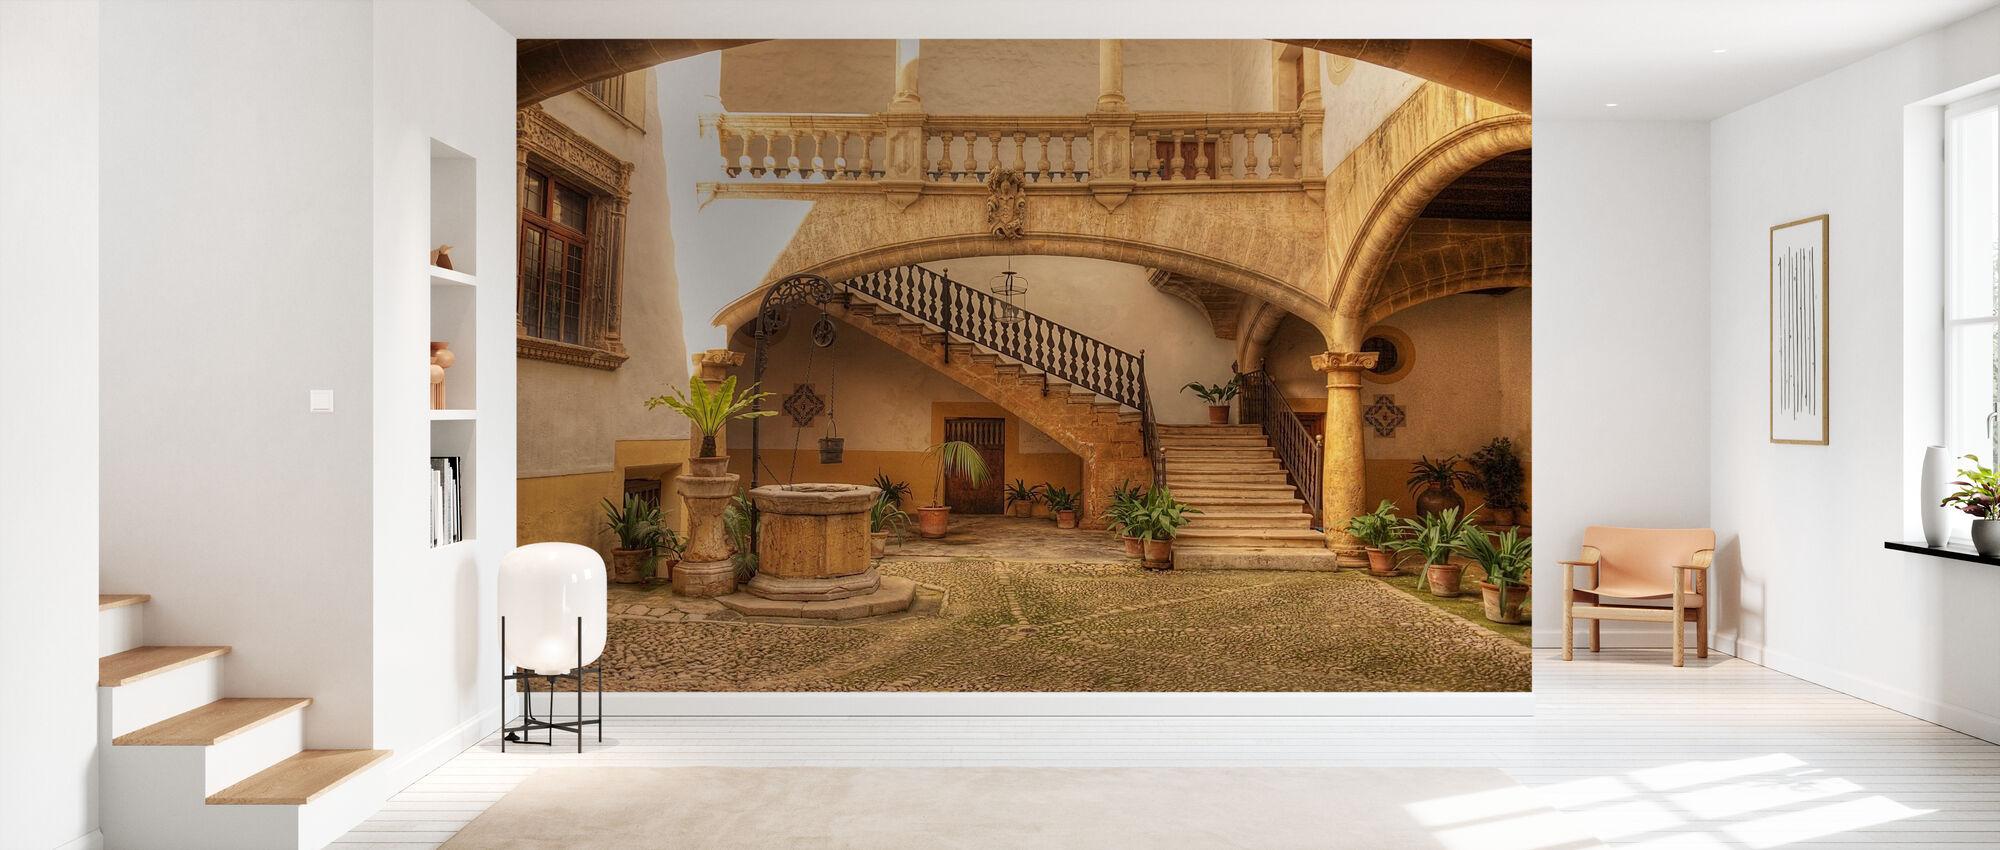 Mediterranean Courtyard - Wallpaper - Hallway